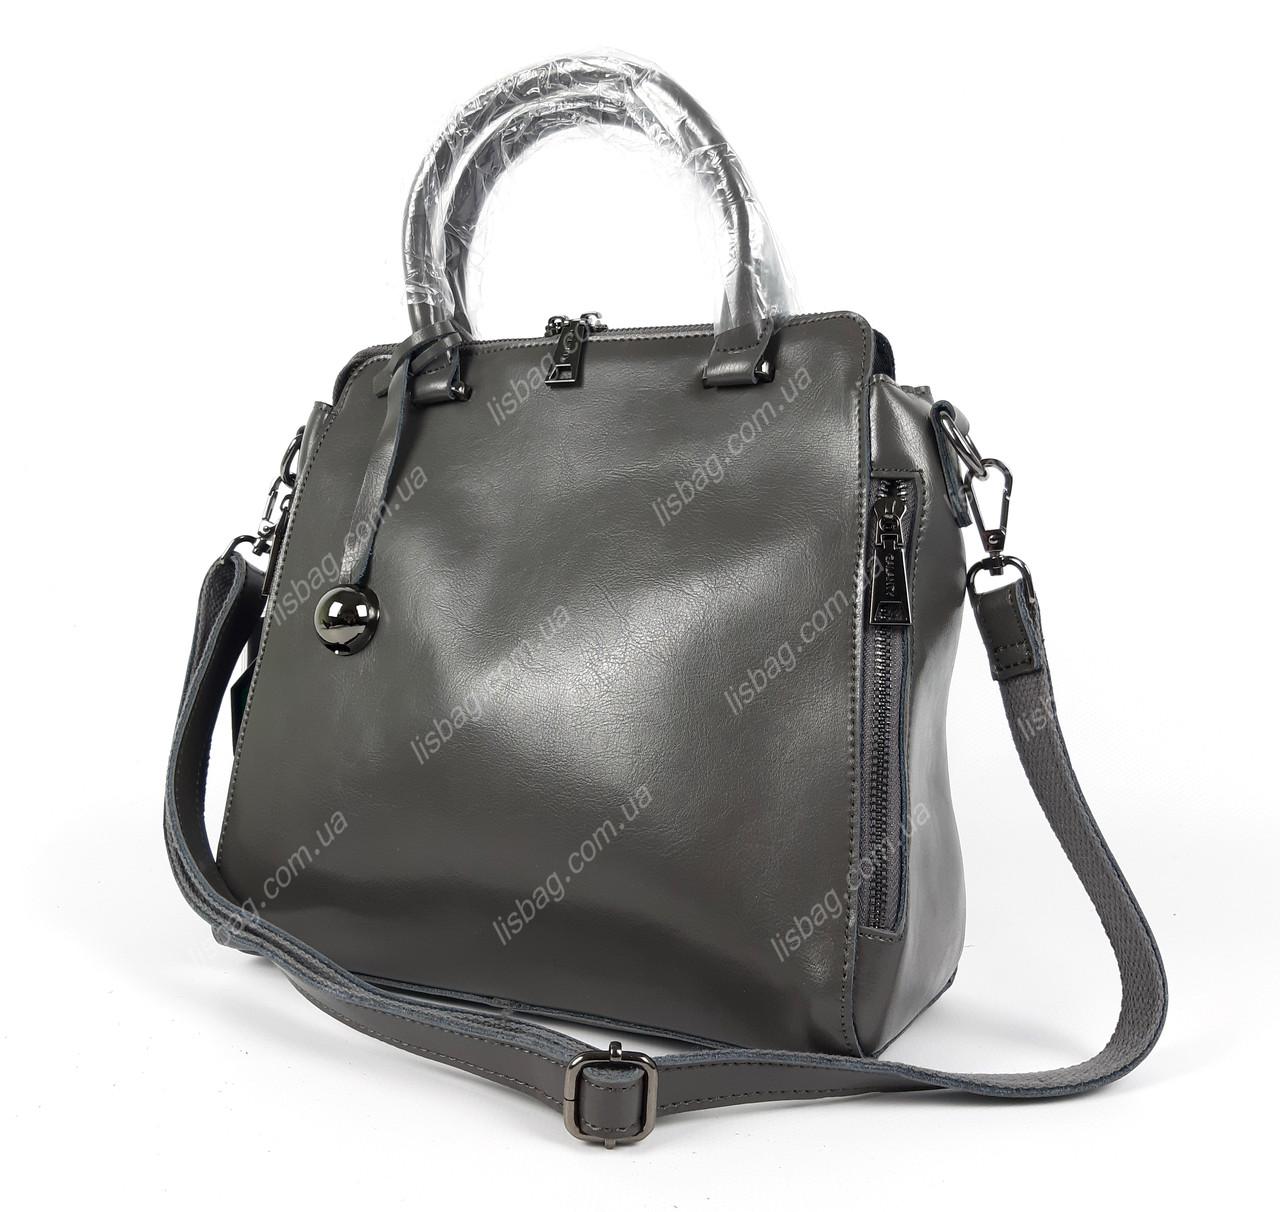 383c4cd203b8 Серая женская вместительная женская сумка из натуральной кожи ...